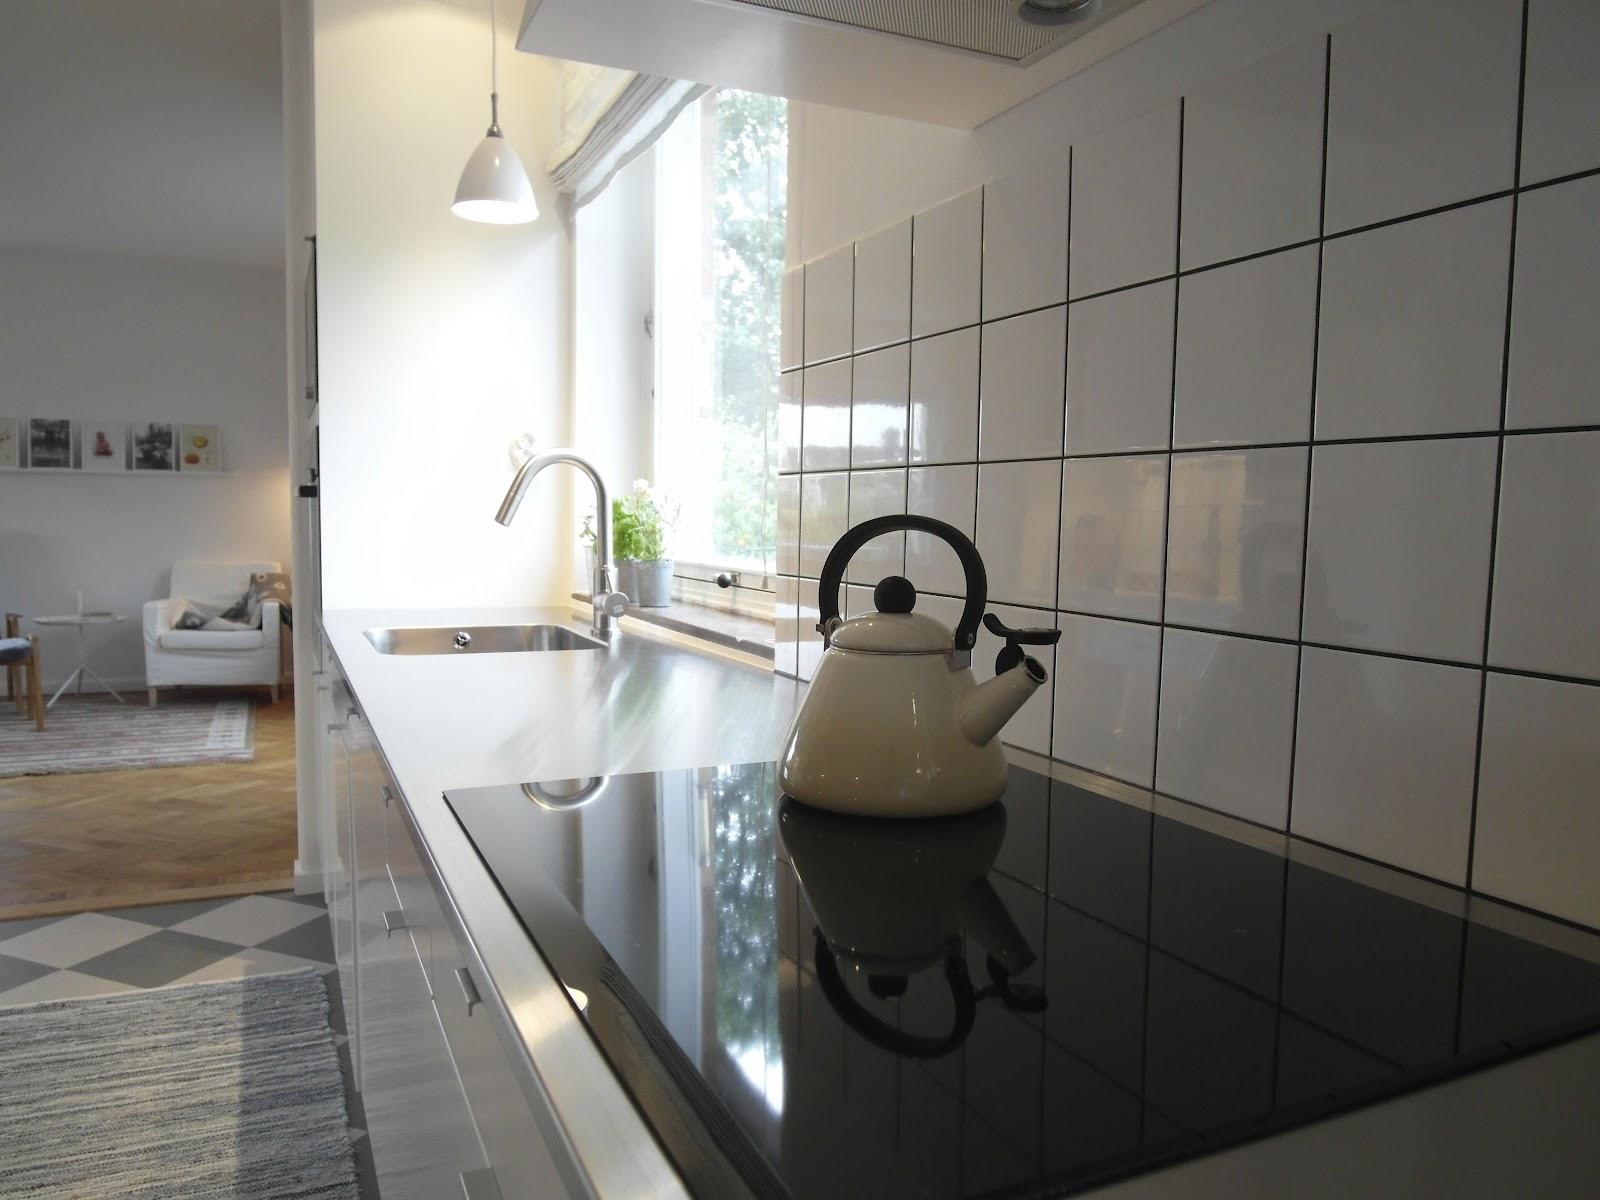 Kök med rostfri bänkskiva: kök design designduon köksrenovering ...